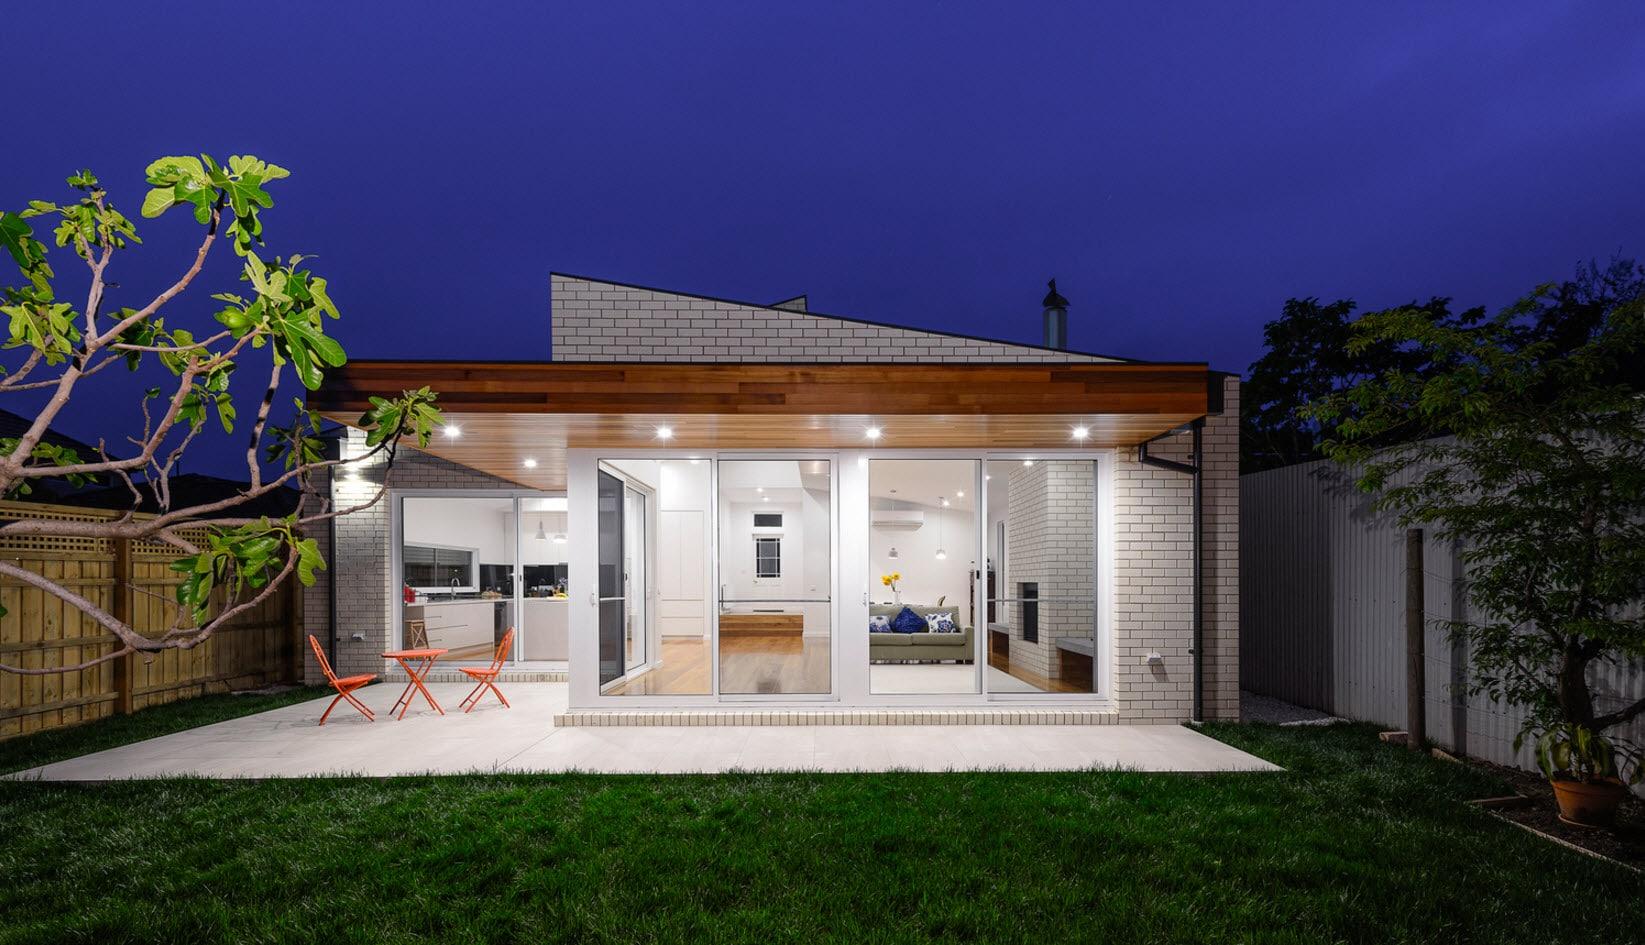 Dise o de casa moderna de un piso planos y fachadas for Casas modernas un piso